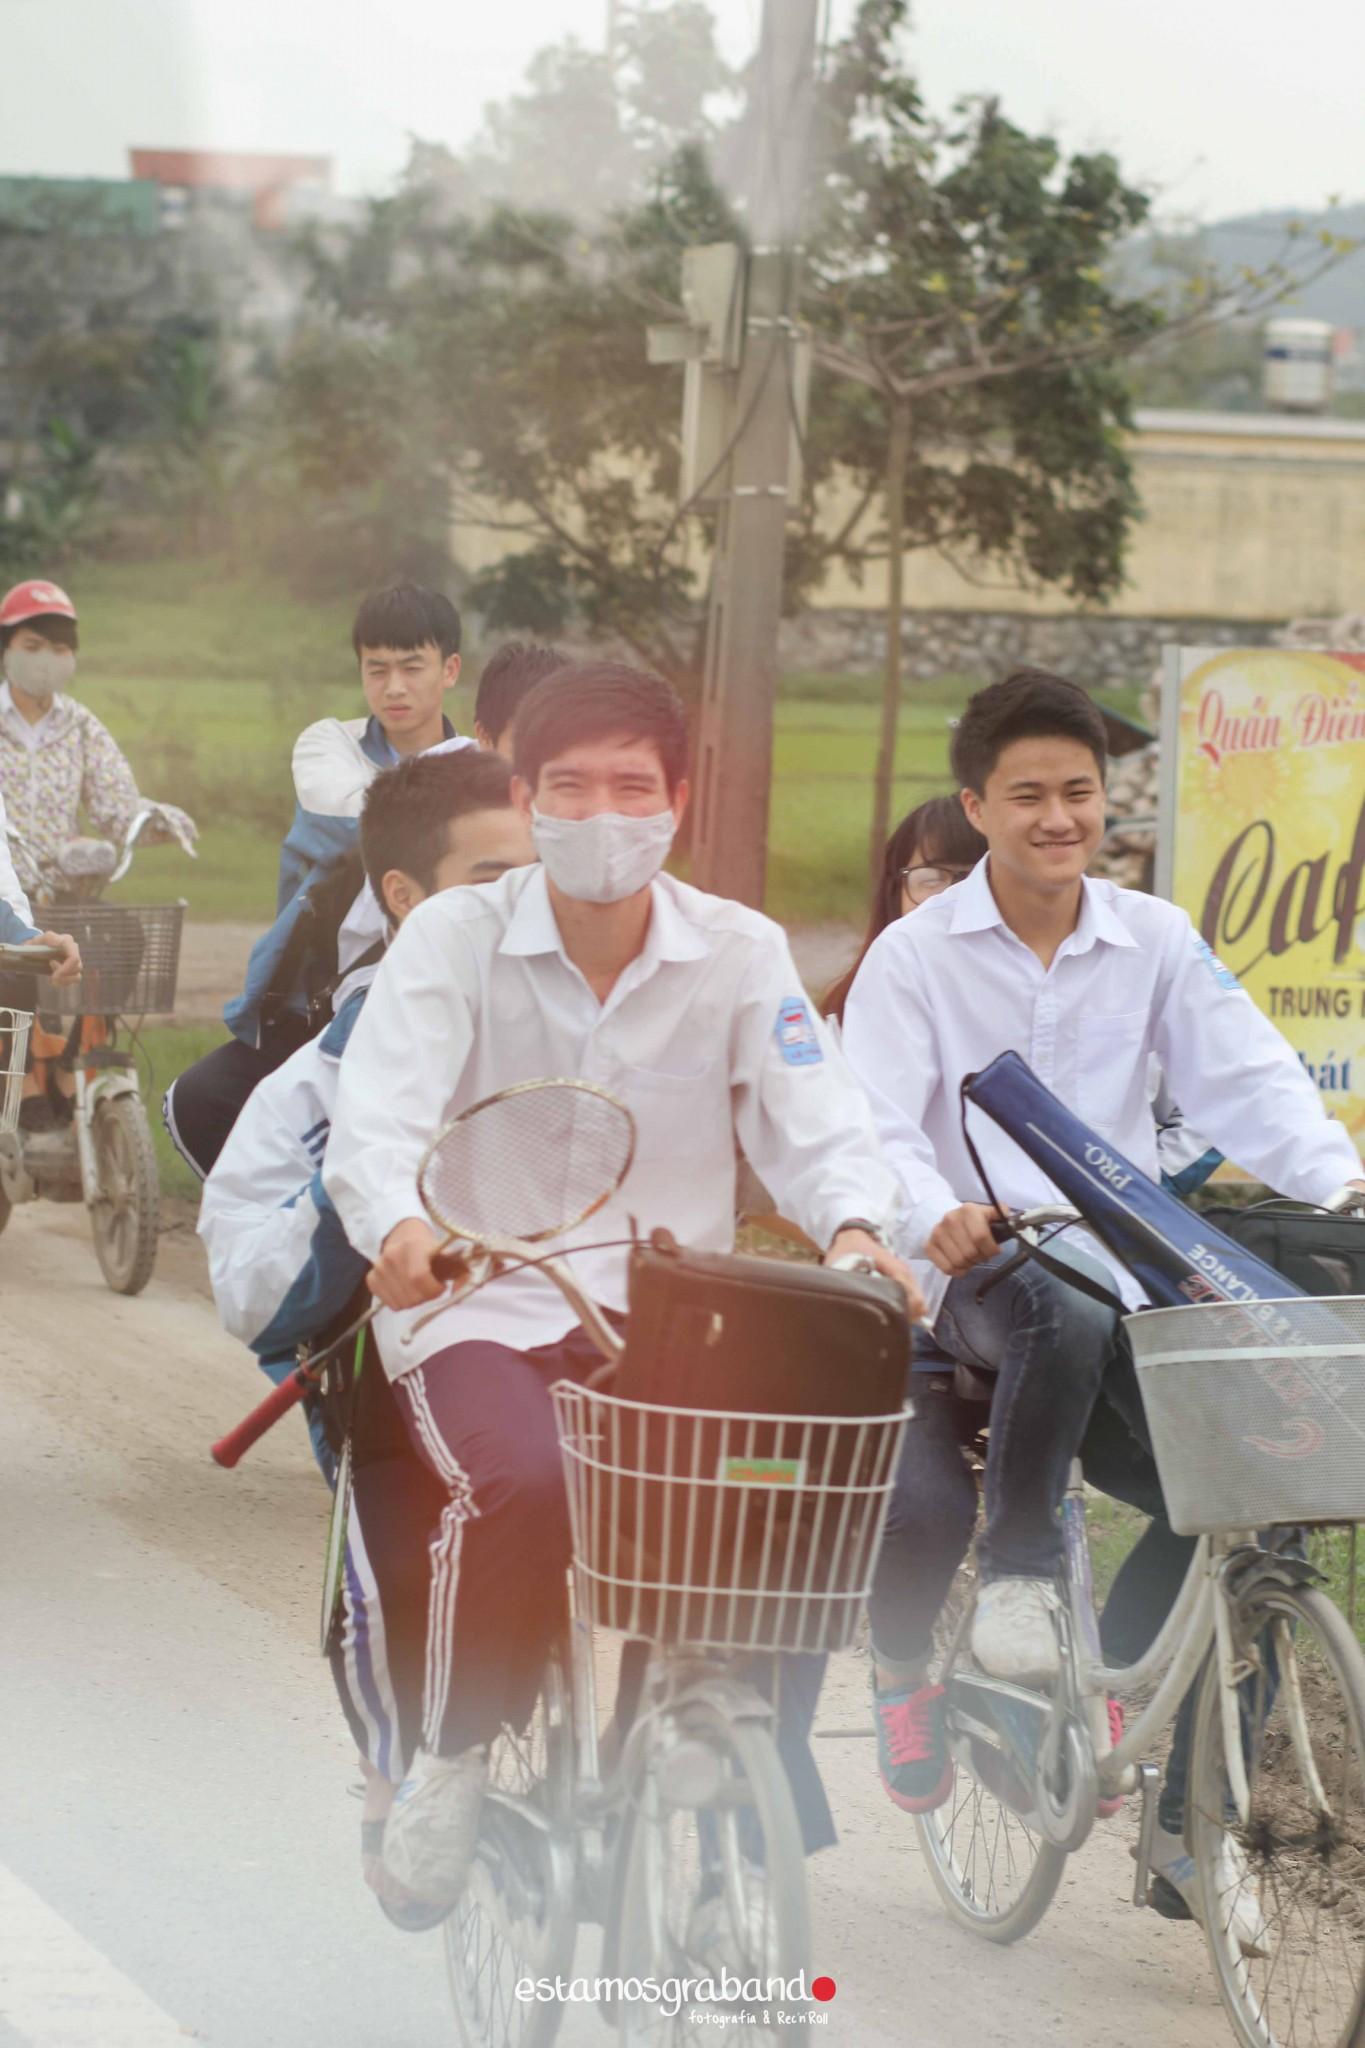 reportaje-vietnam_fotograficc81a-vietnam_estamosgrabando-vietnam_rutasvietnam_reportaje-retratos-fotos-vietnam_fotografia-vietnam_reportaje-estamosgrabando-fotograficc81a-vietnam-45 Pequeños grandes recuerdos de Vietnam en 100 imágenes - video boda cadiz